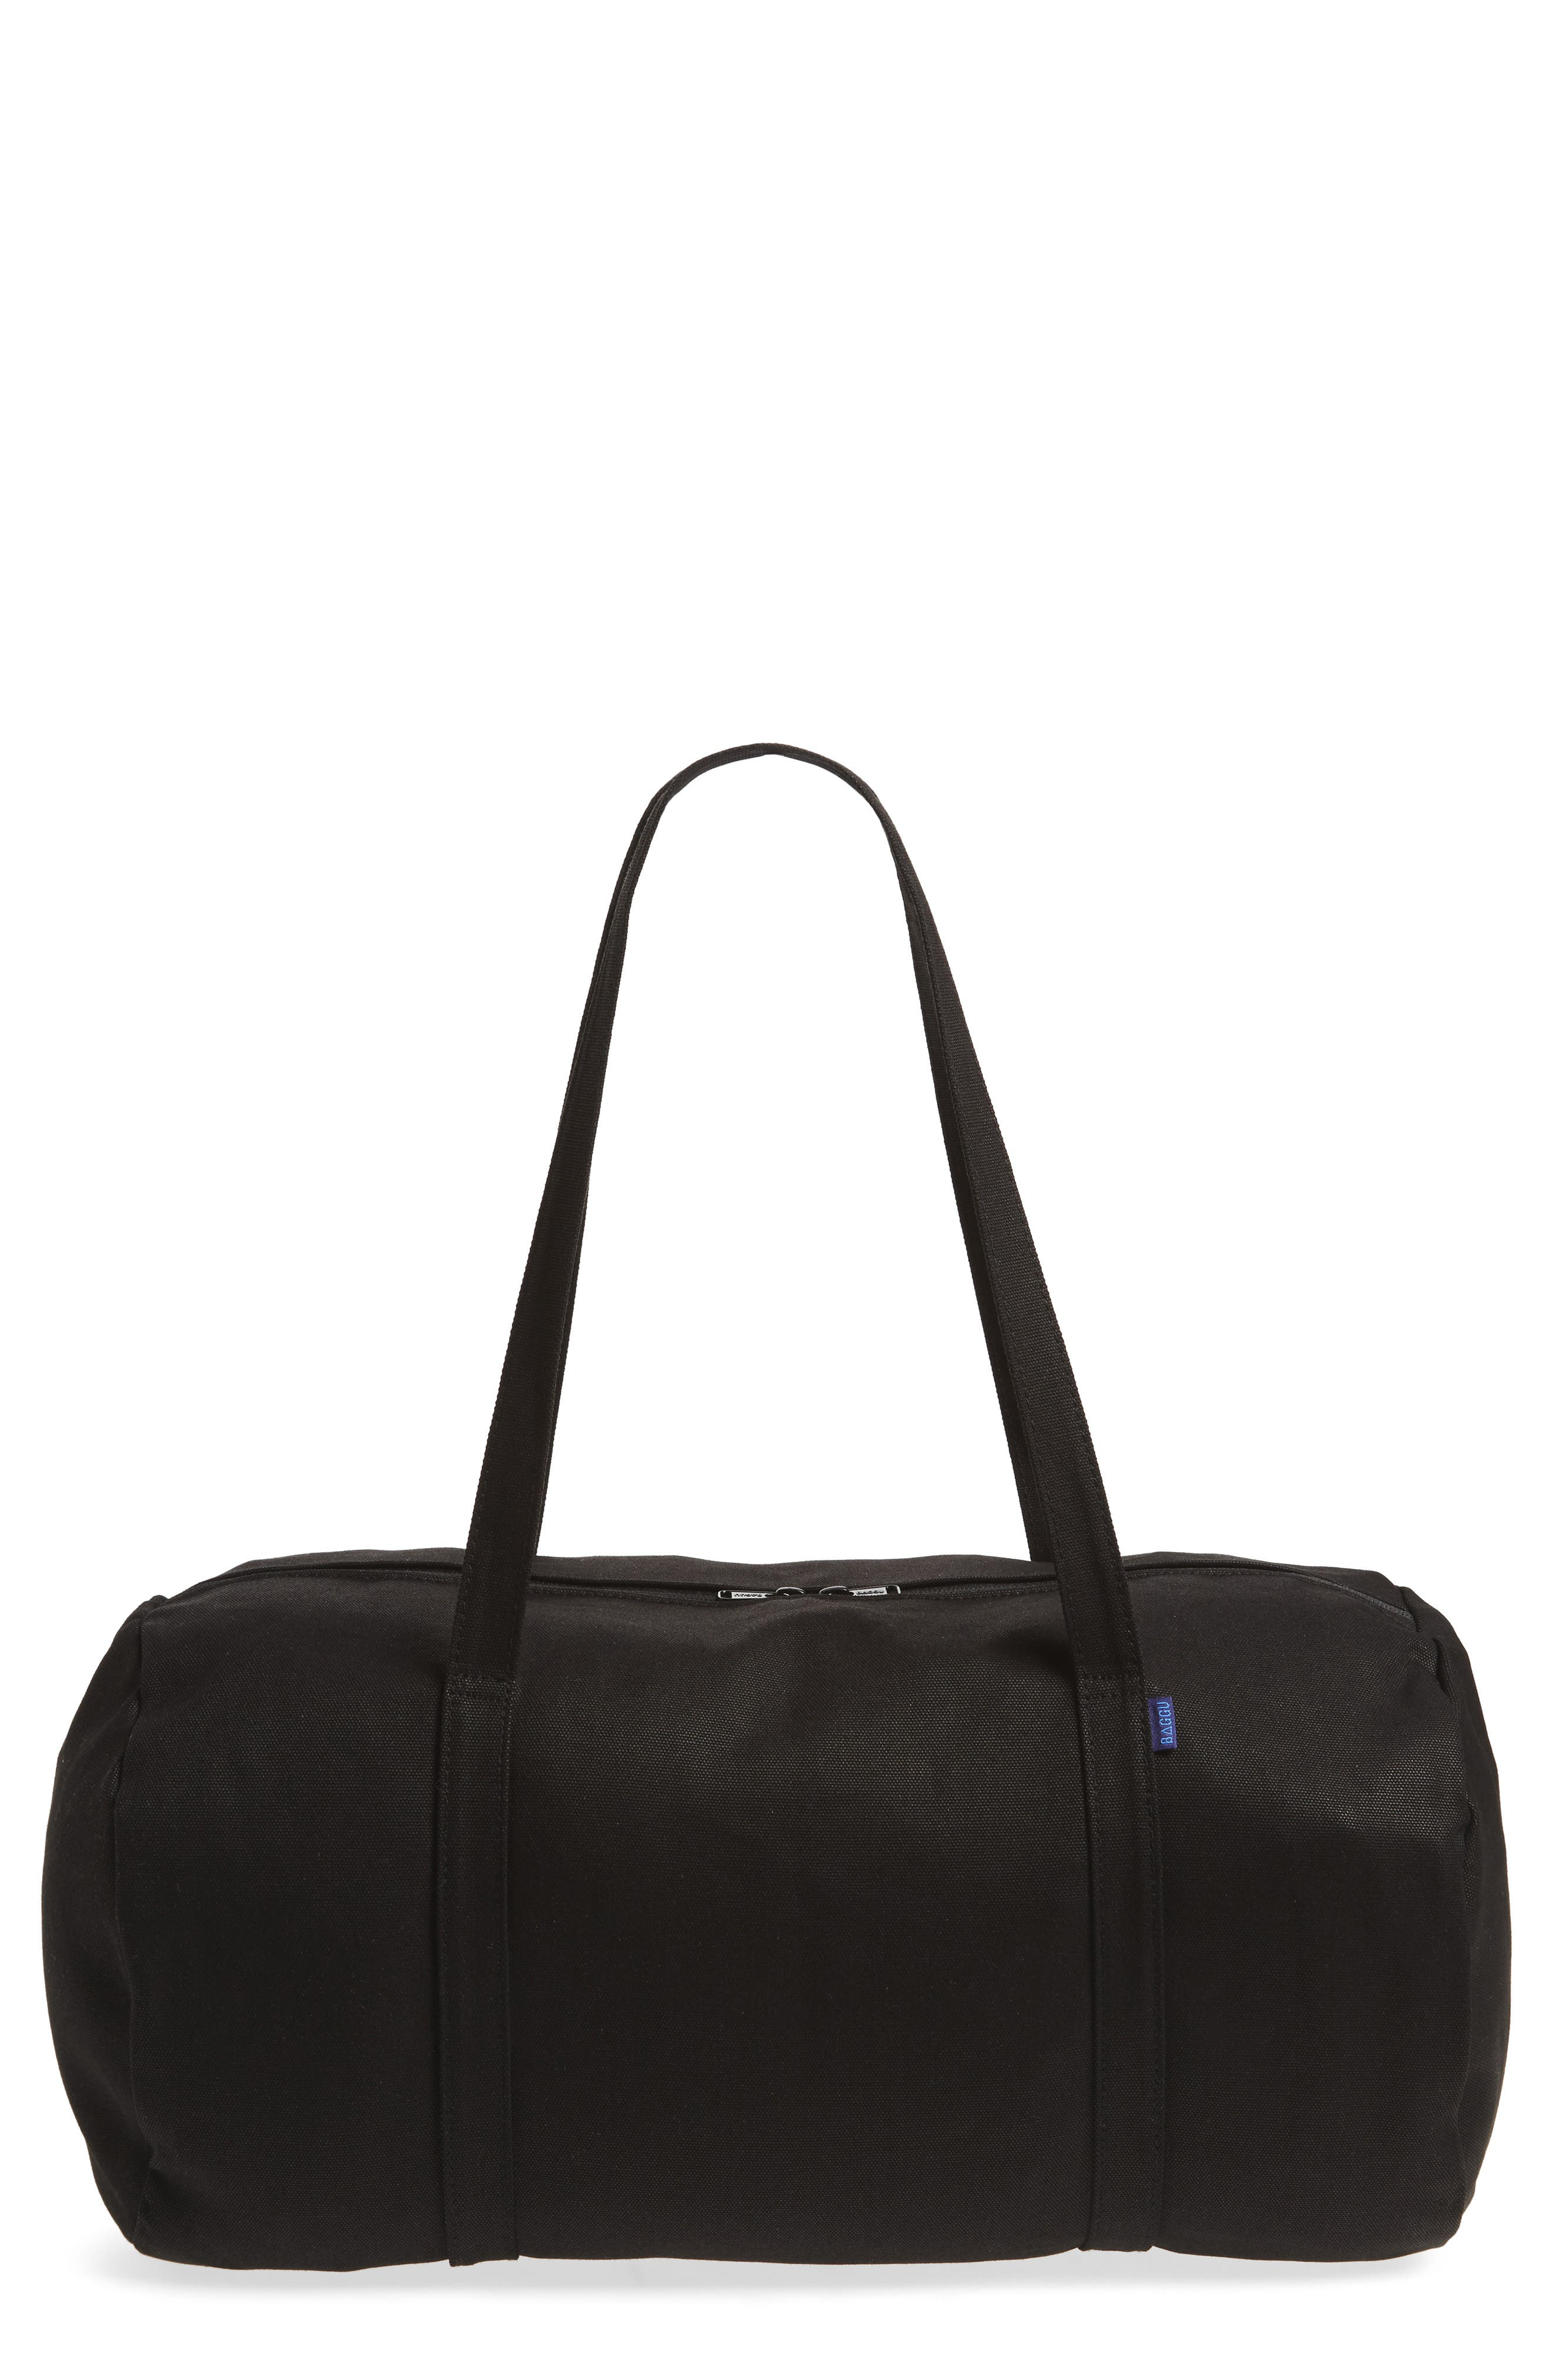 BAGGU Canvas Duffel Bag, Main, color, 001